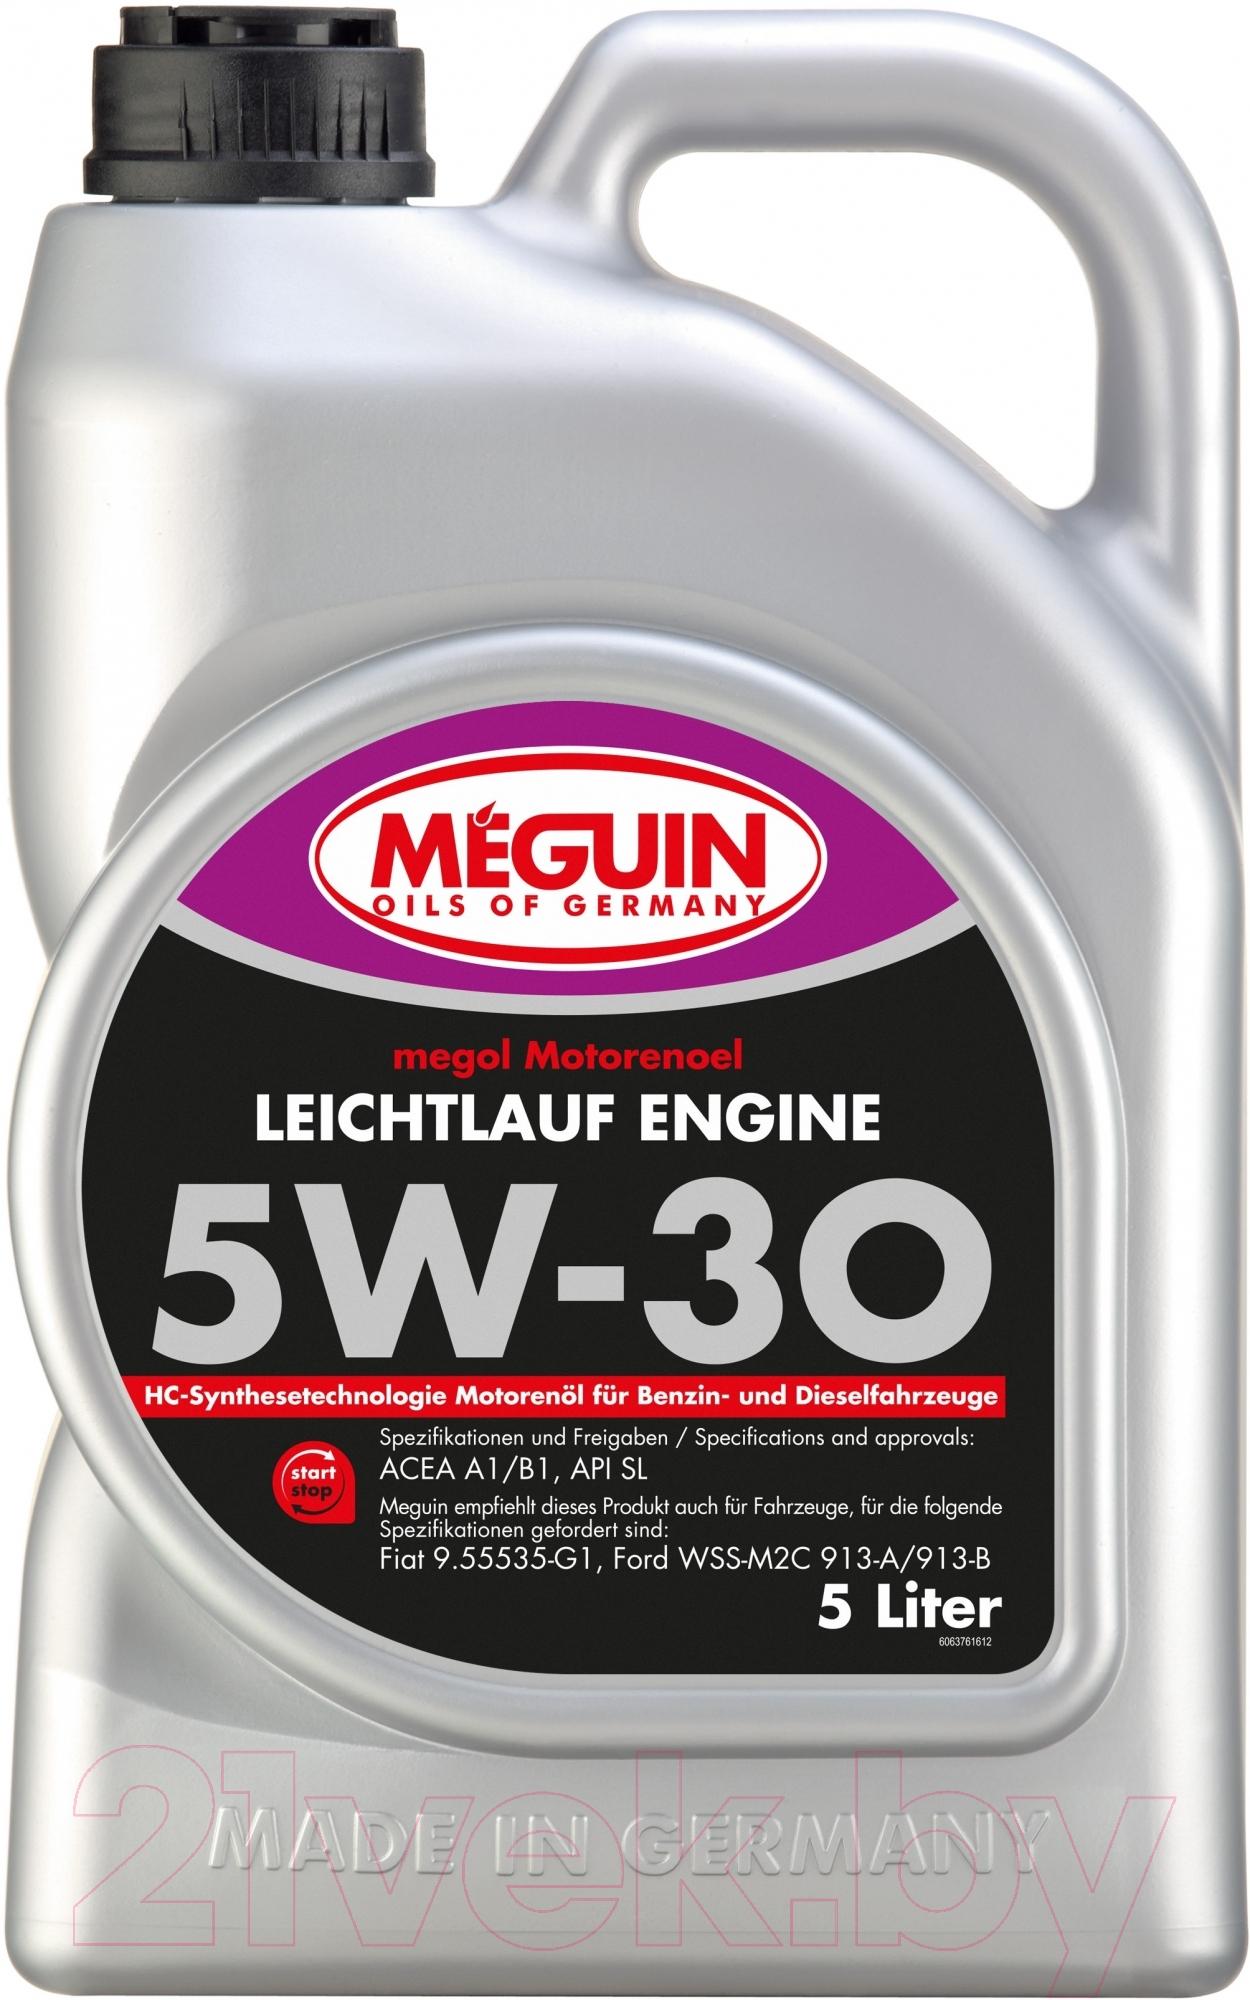 Купить Моторное масло Meguin, Megol Leichtlauf Engine 5W30 / 6376 (5л), Германия